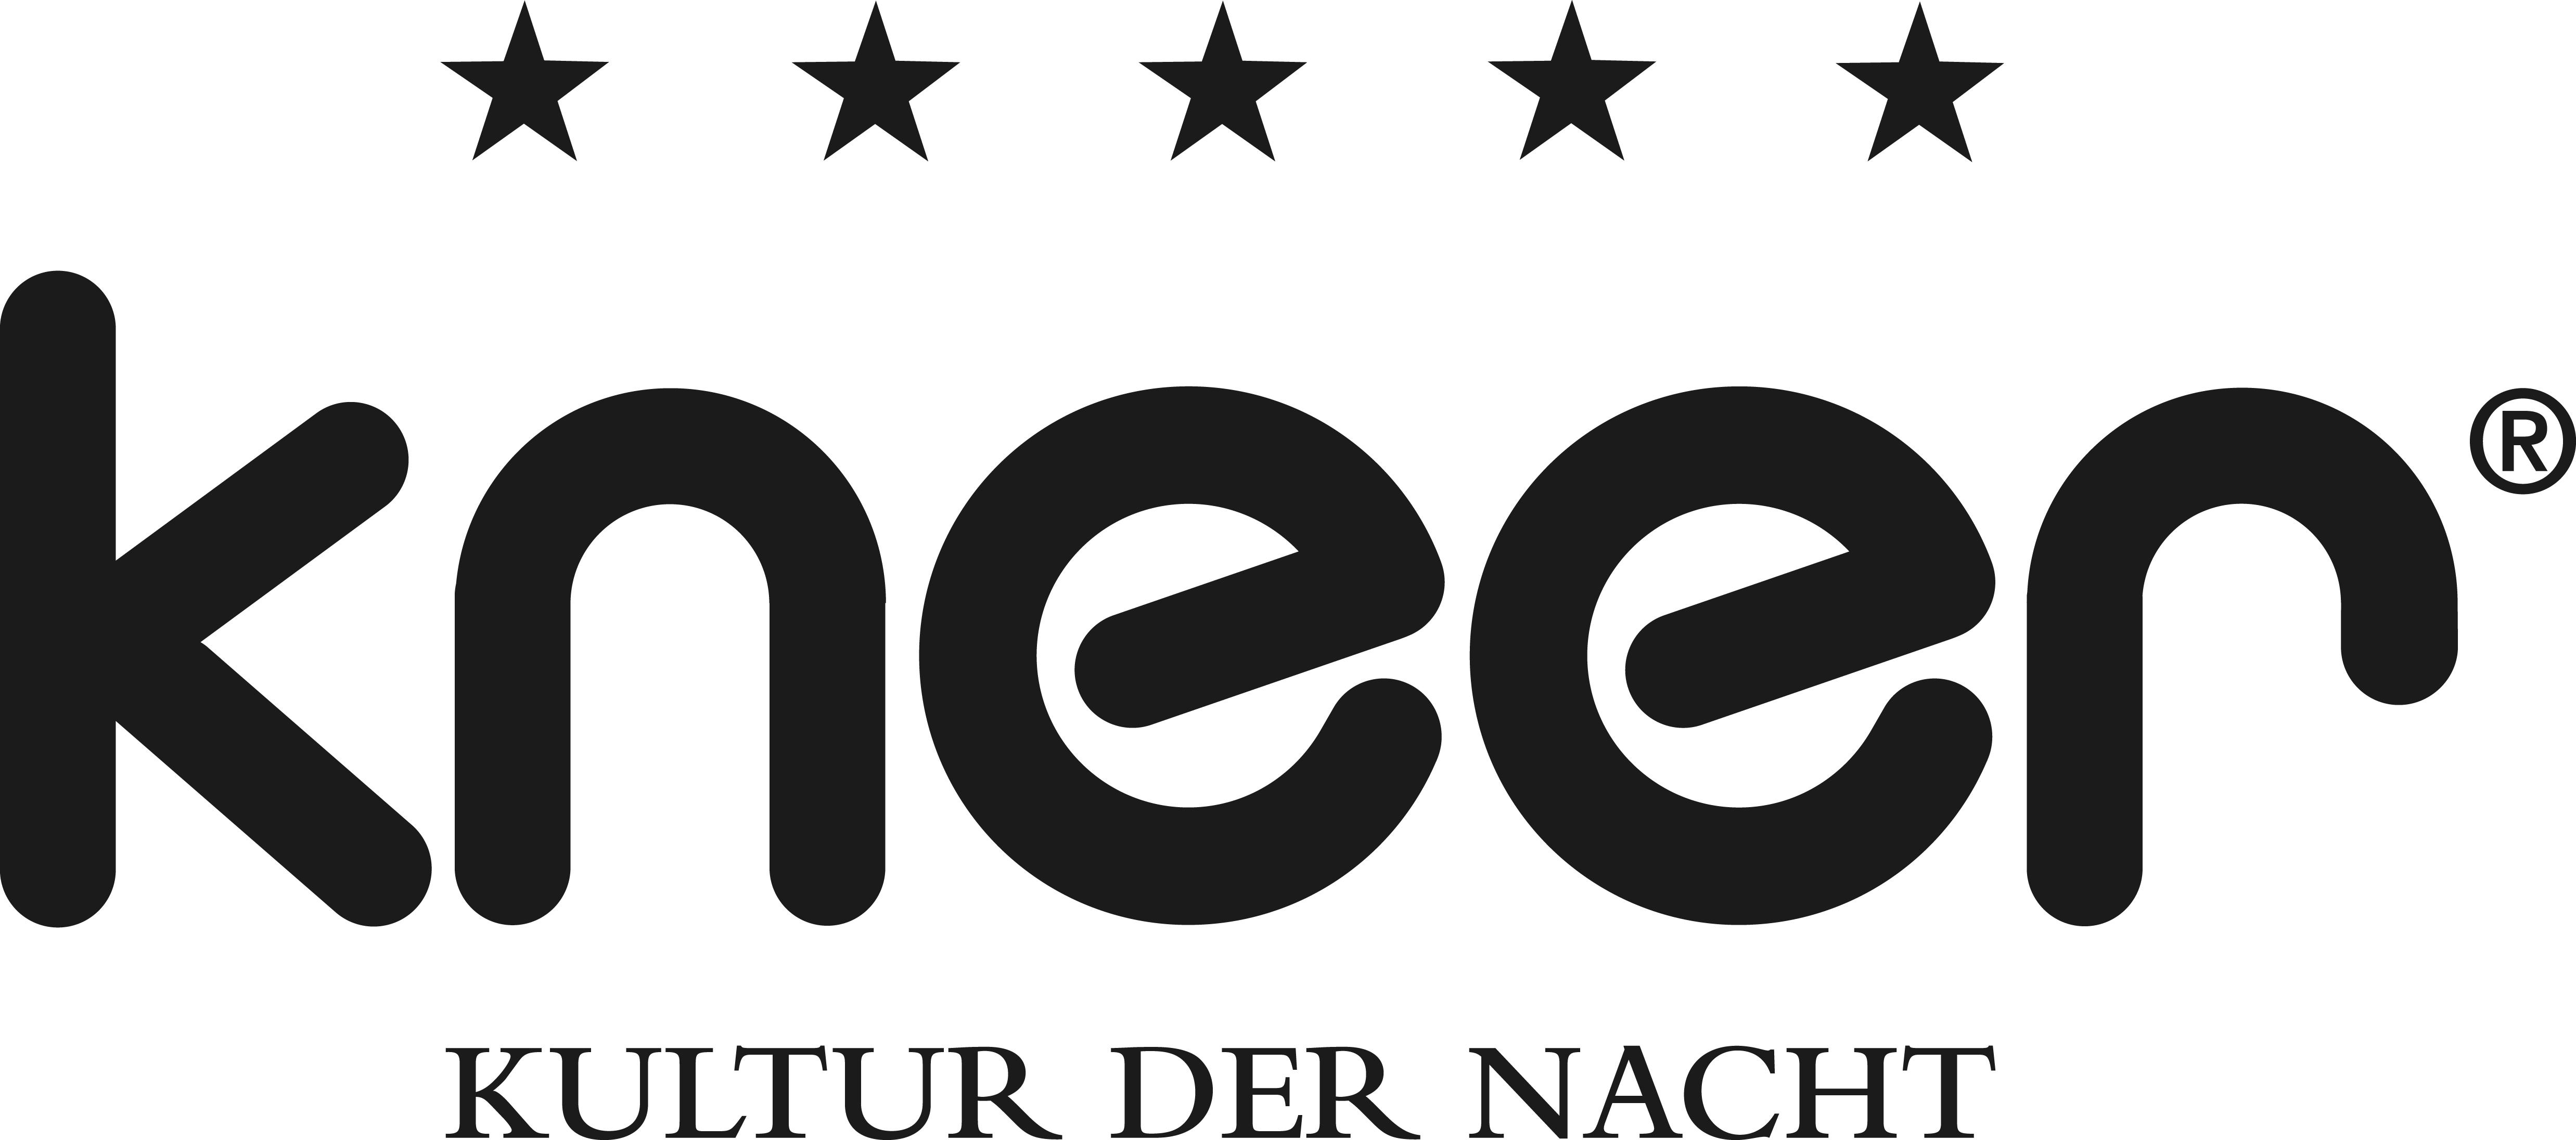 Kneer logo